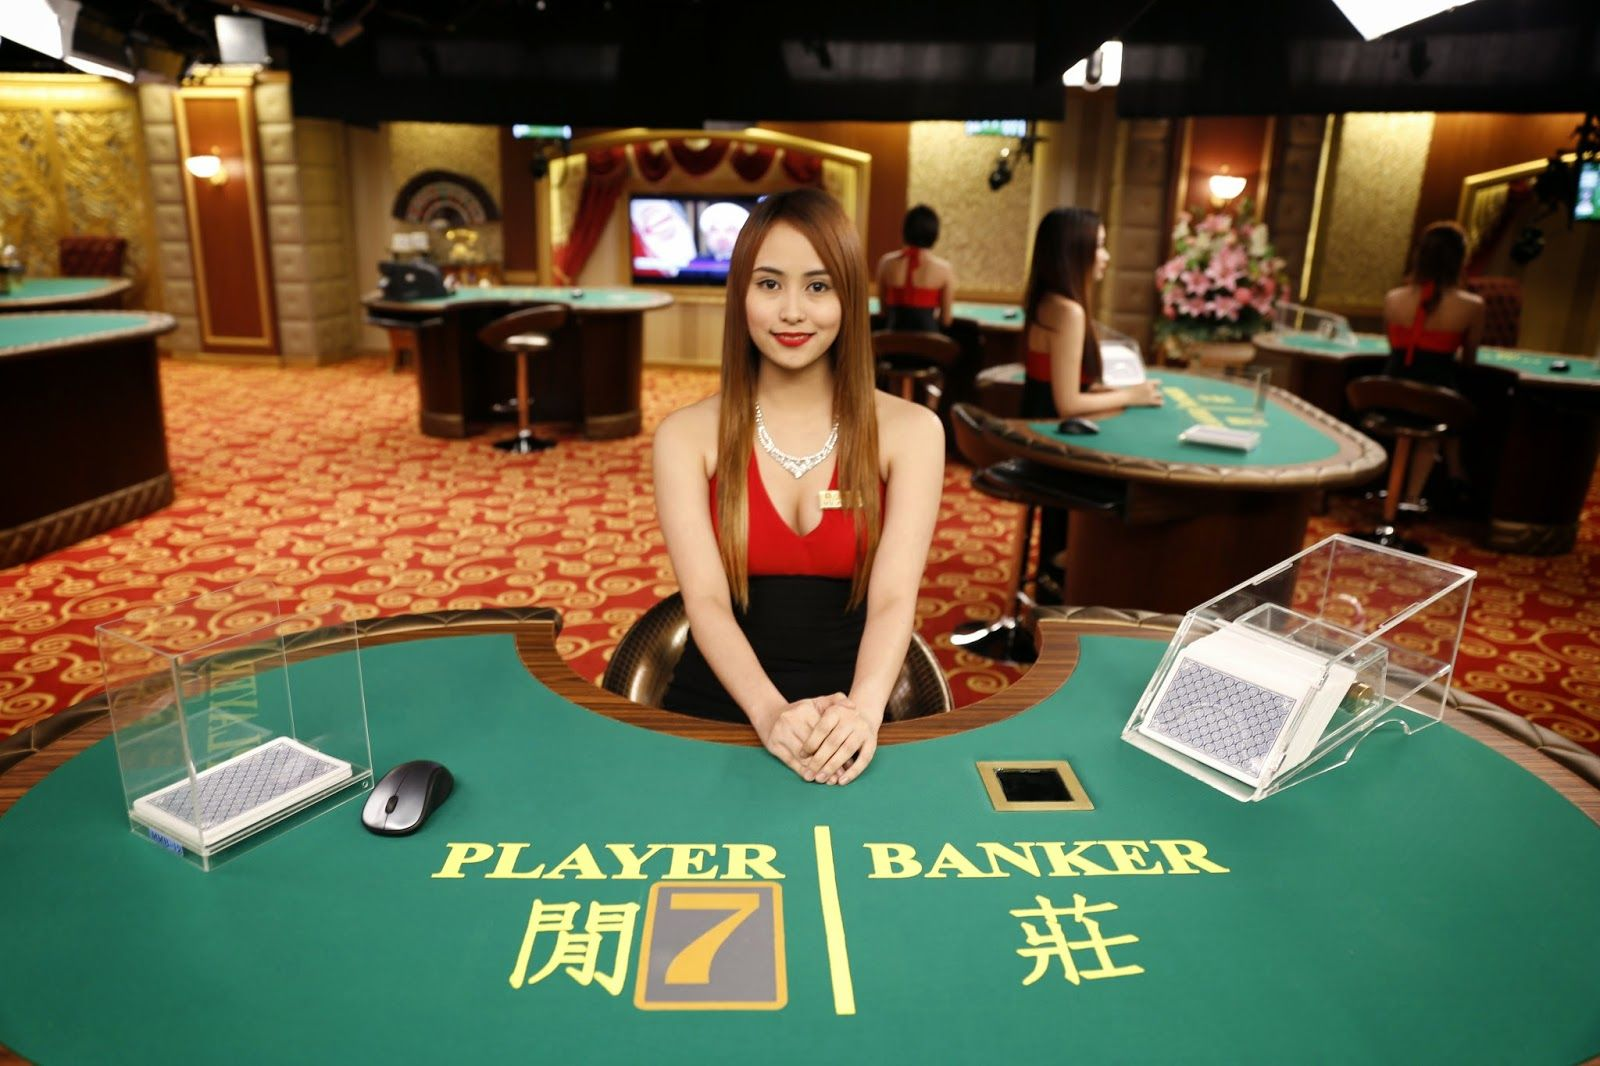 โปรโมชั่นจีคลับ ท่านสามารถ เข้าสอบถามได้ตลอด 24 ชั่วโมง เราให้จริง แจกจริง สูงสุด 20 % พร้อมโบนัส ค่าคอมมิชชั่น อีกมากมาย เพียงเป็นสมาชิก Gclub Casino ออนไลน์ เท่านั้น